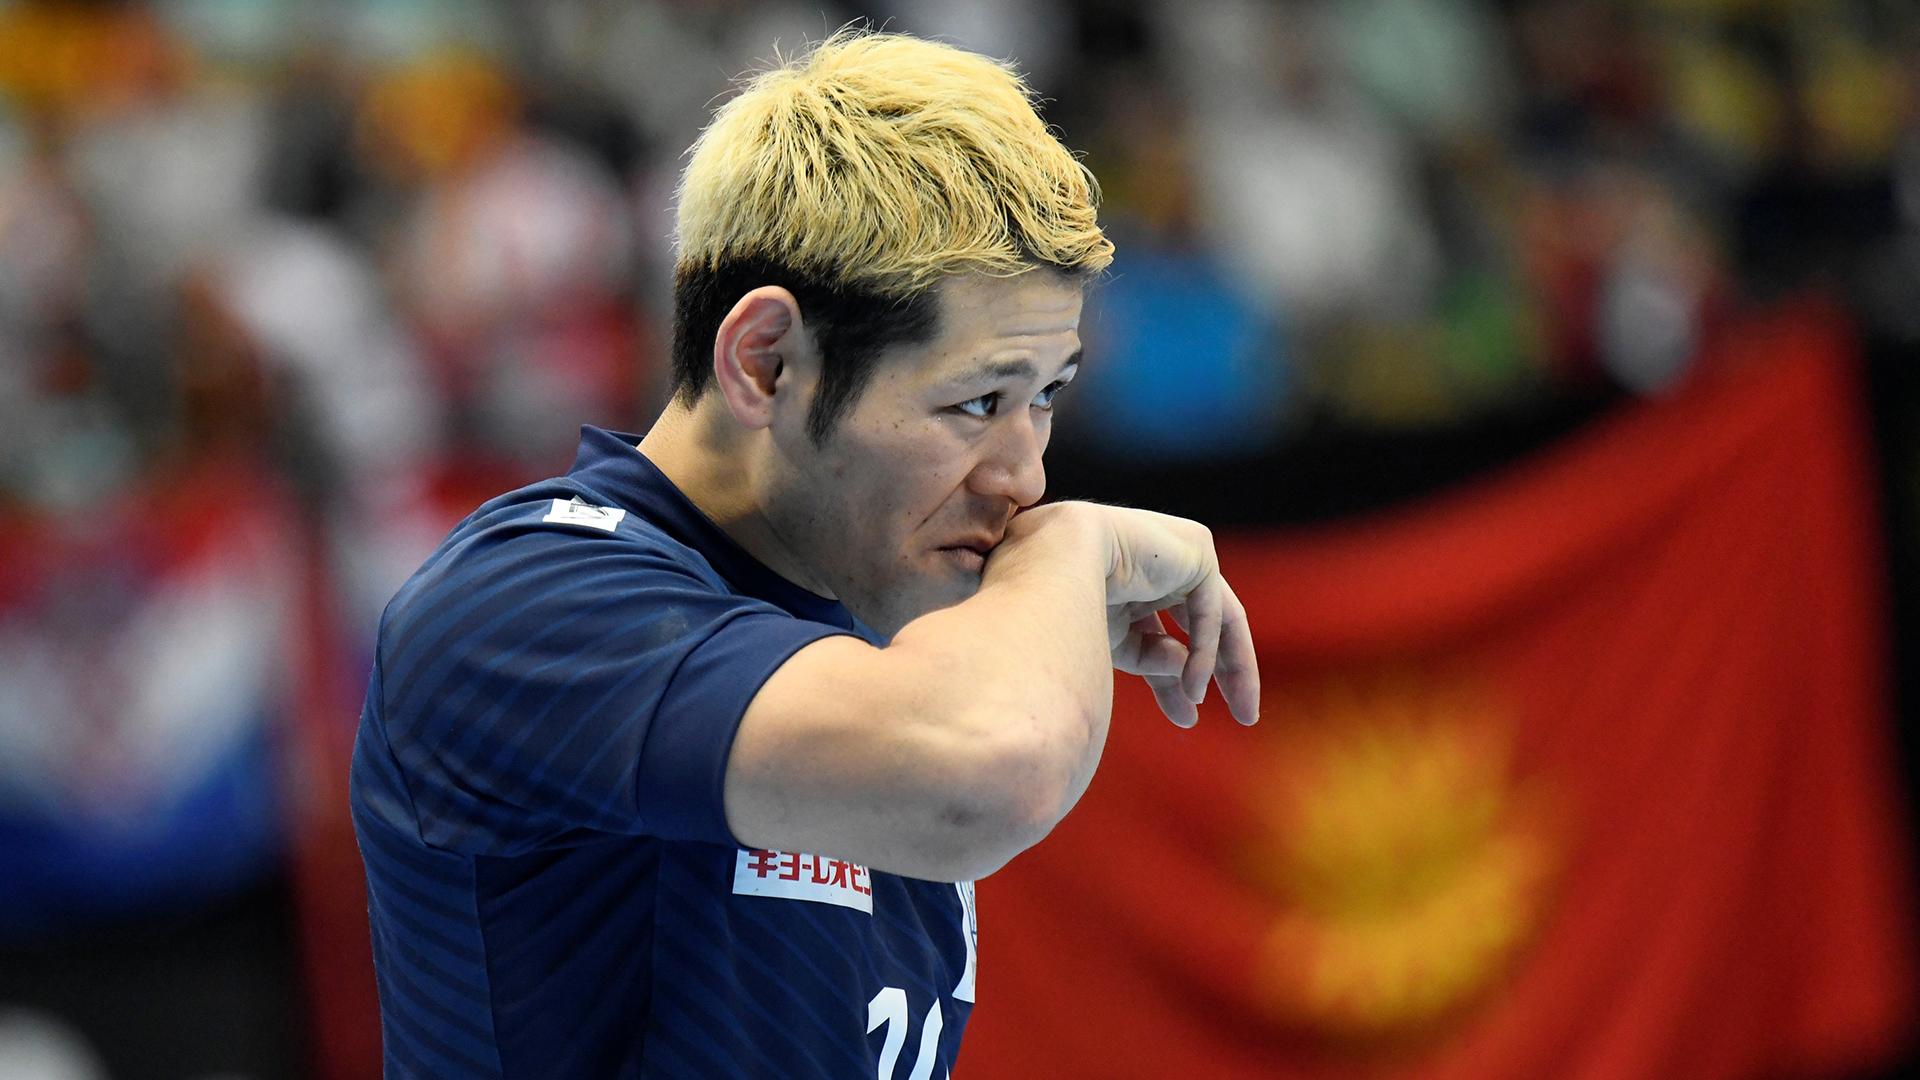 Japón quedó último en el Grupo B, junto a Islandia, ya que el combinado vikingo cayó en su presentación ante Croacia (REUTERS)